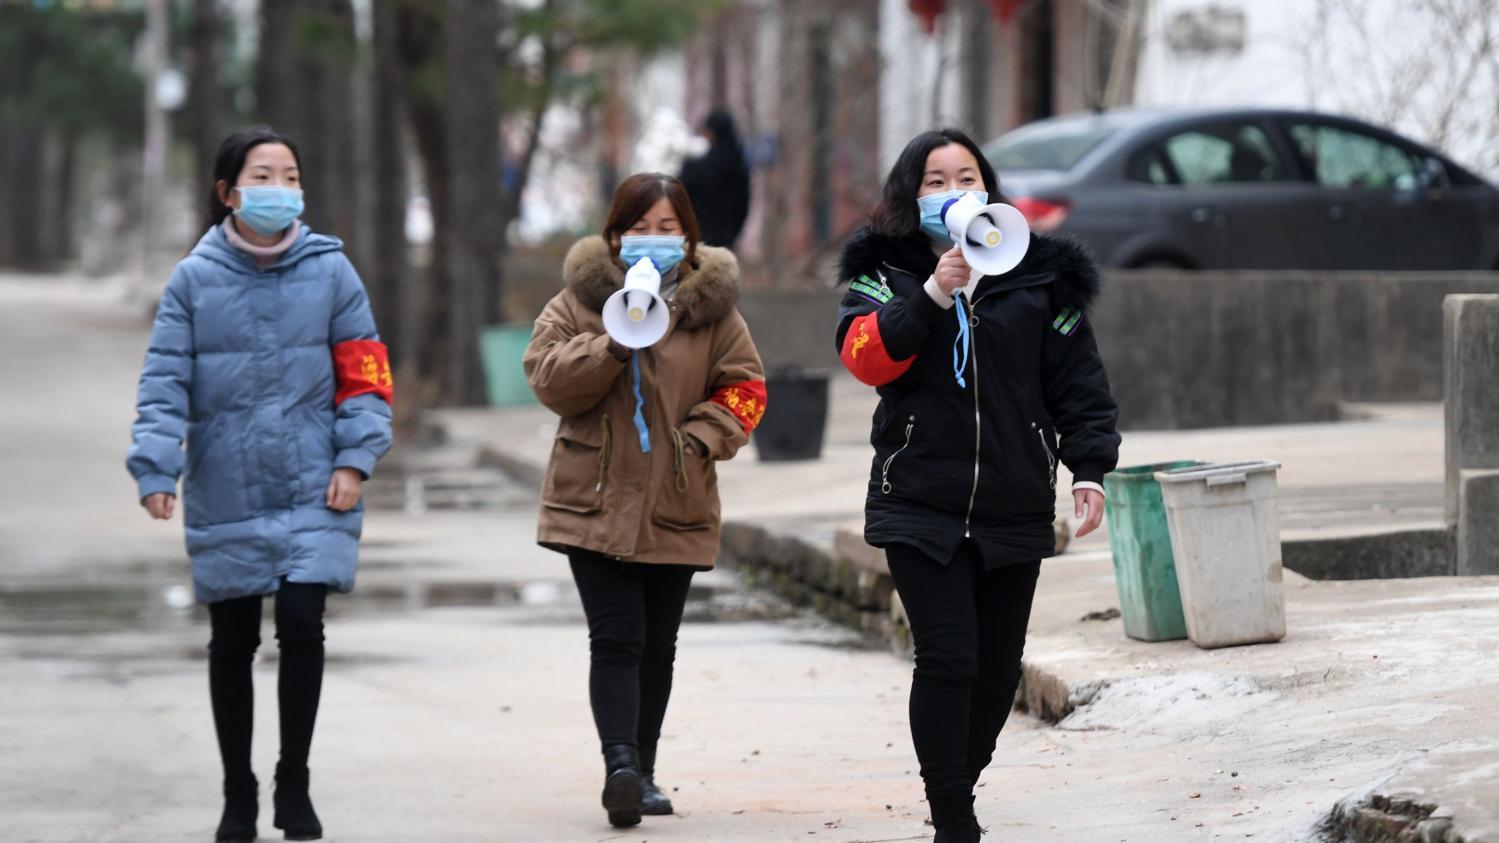 La Chine tente de faciliter le confinement en raison du coronavirus, mais imposer de nouvelles fermetures montre à quel point il est difficile de revenir à la normale